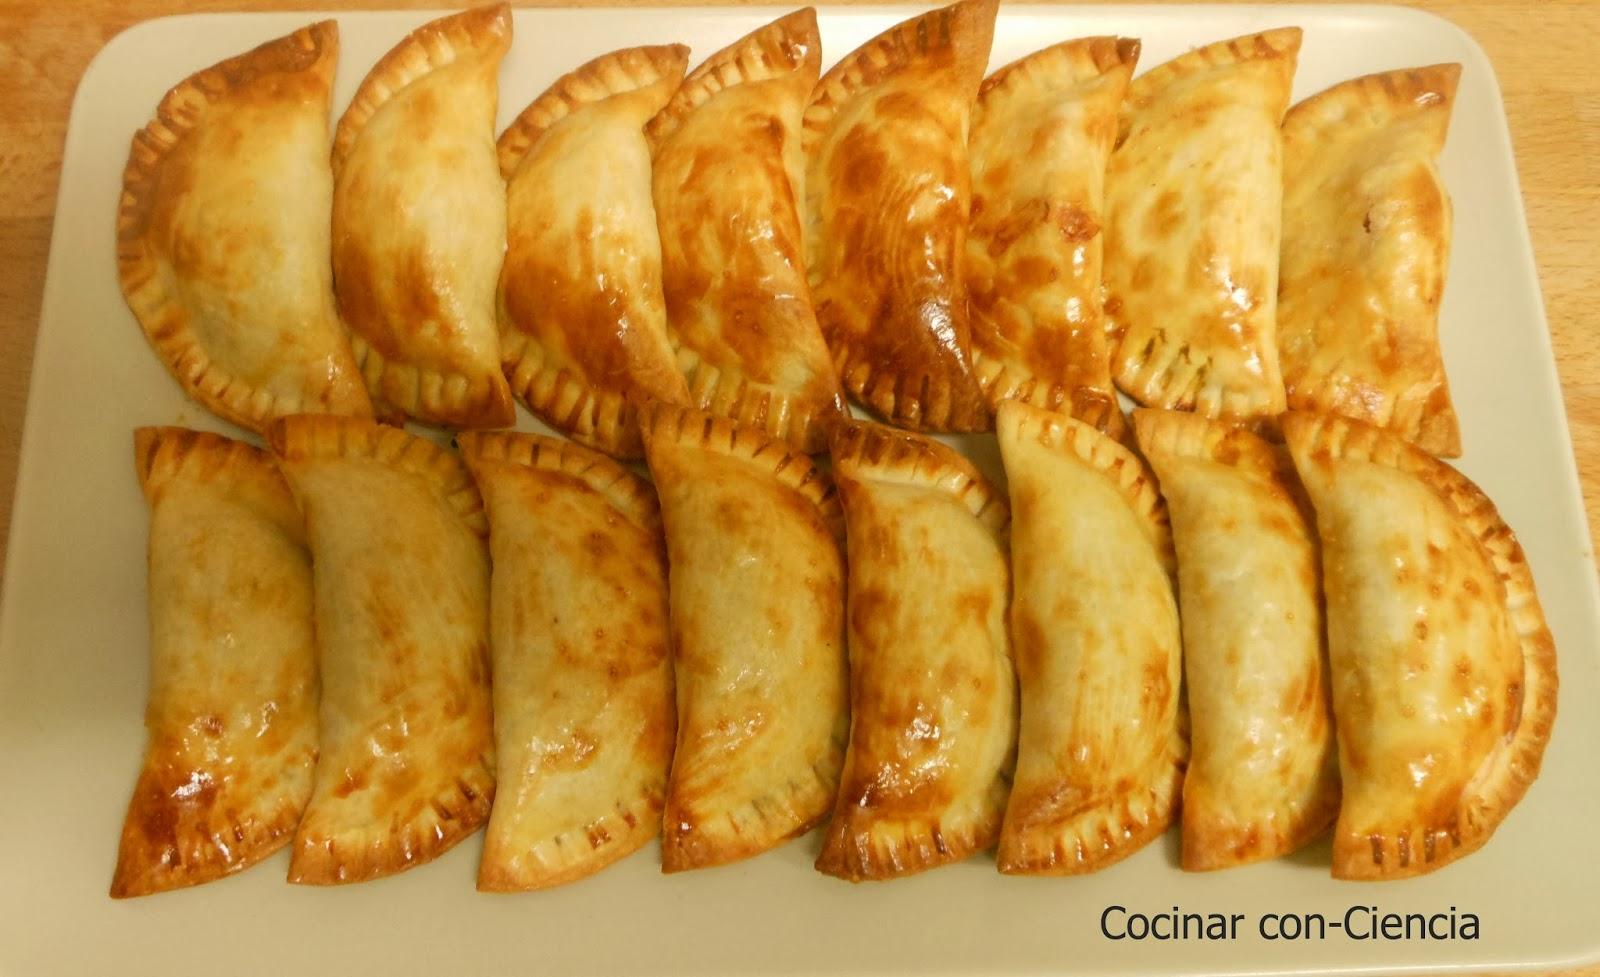 Cocinar con ni os 7 empanadillas de salsa bolo esa for Cocinar 180 grados